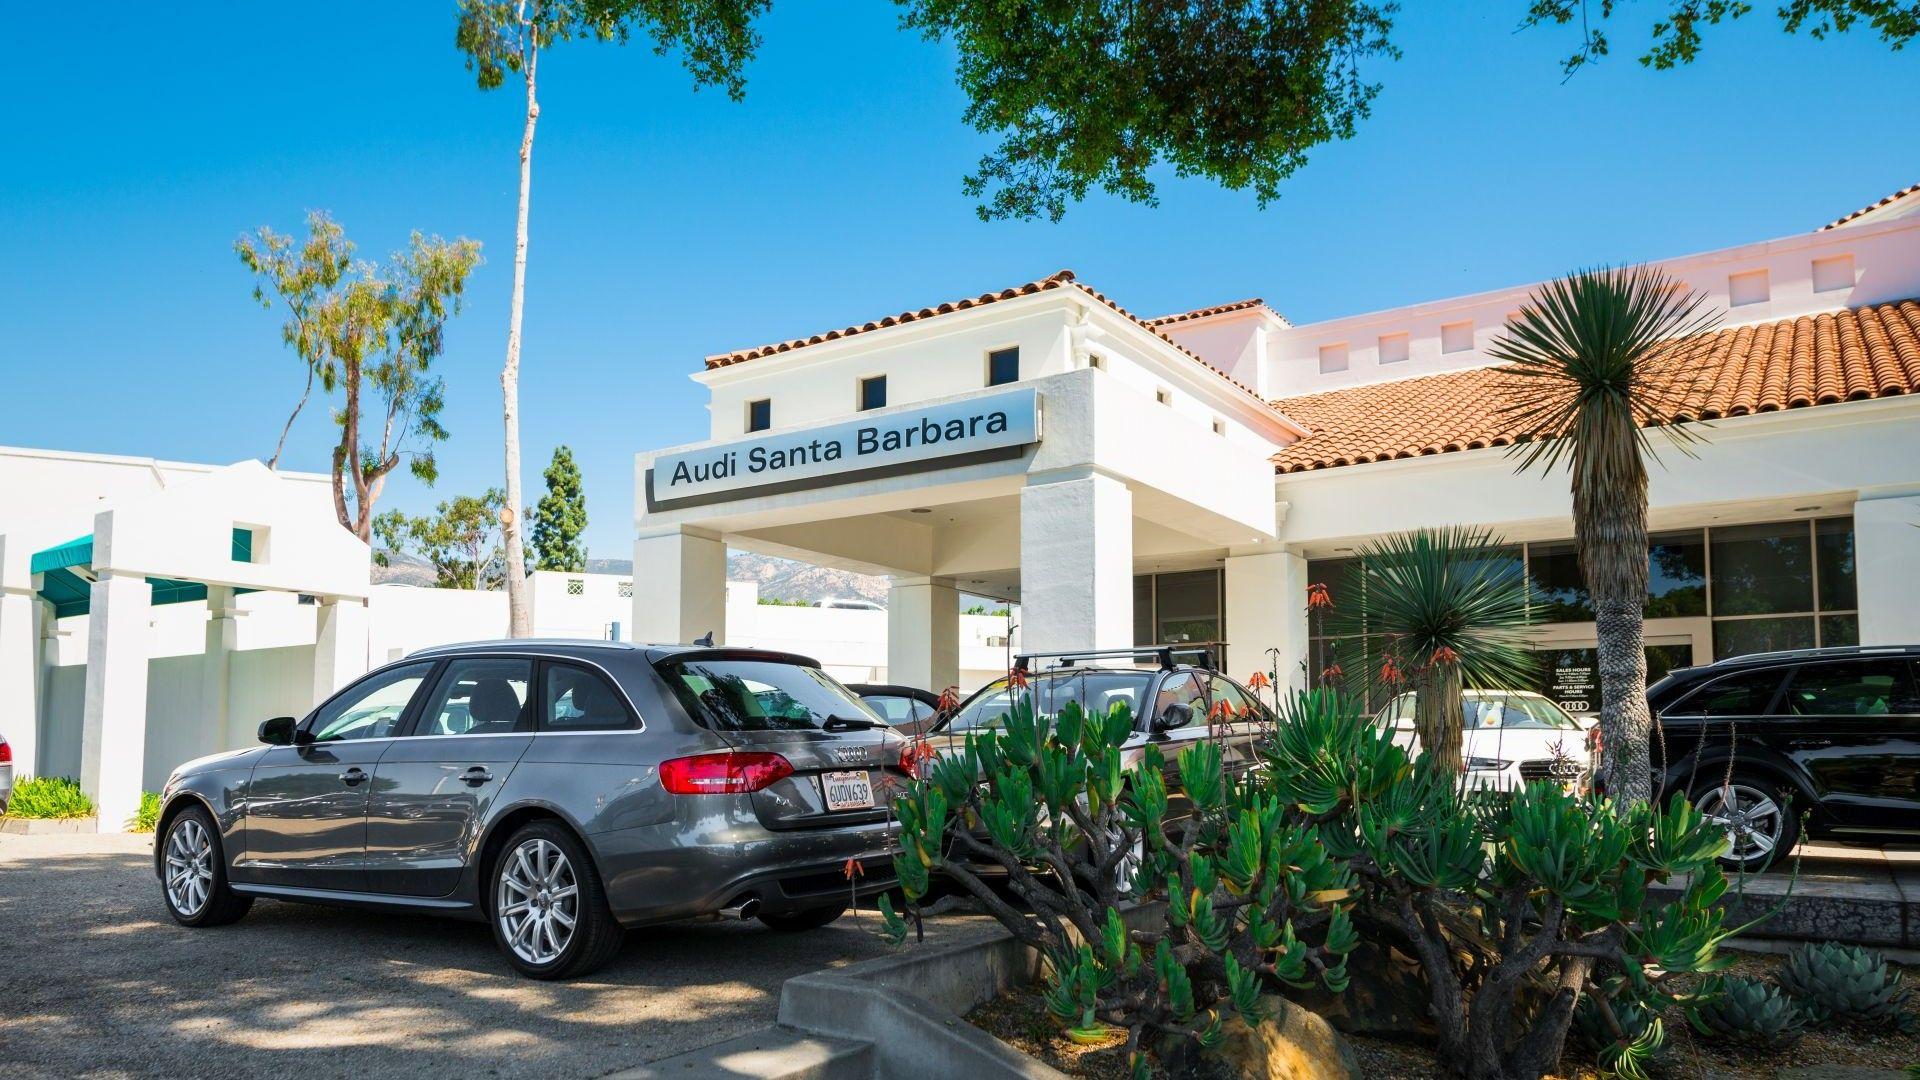 Save Big With Cash Incentives And Warranty Programs At Audi Santa Barbara With Images Santa Barbara Audi Audi Dealership